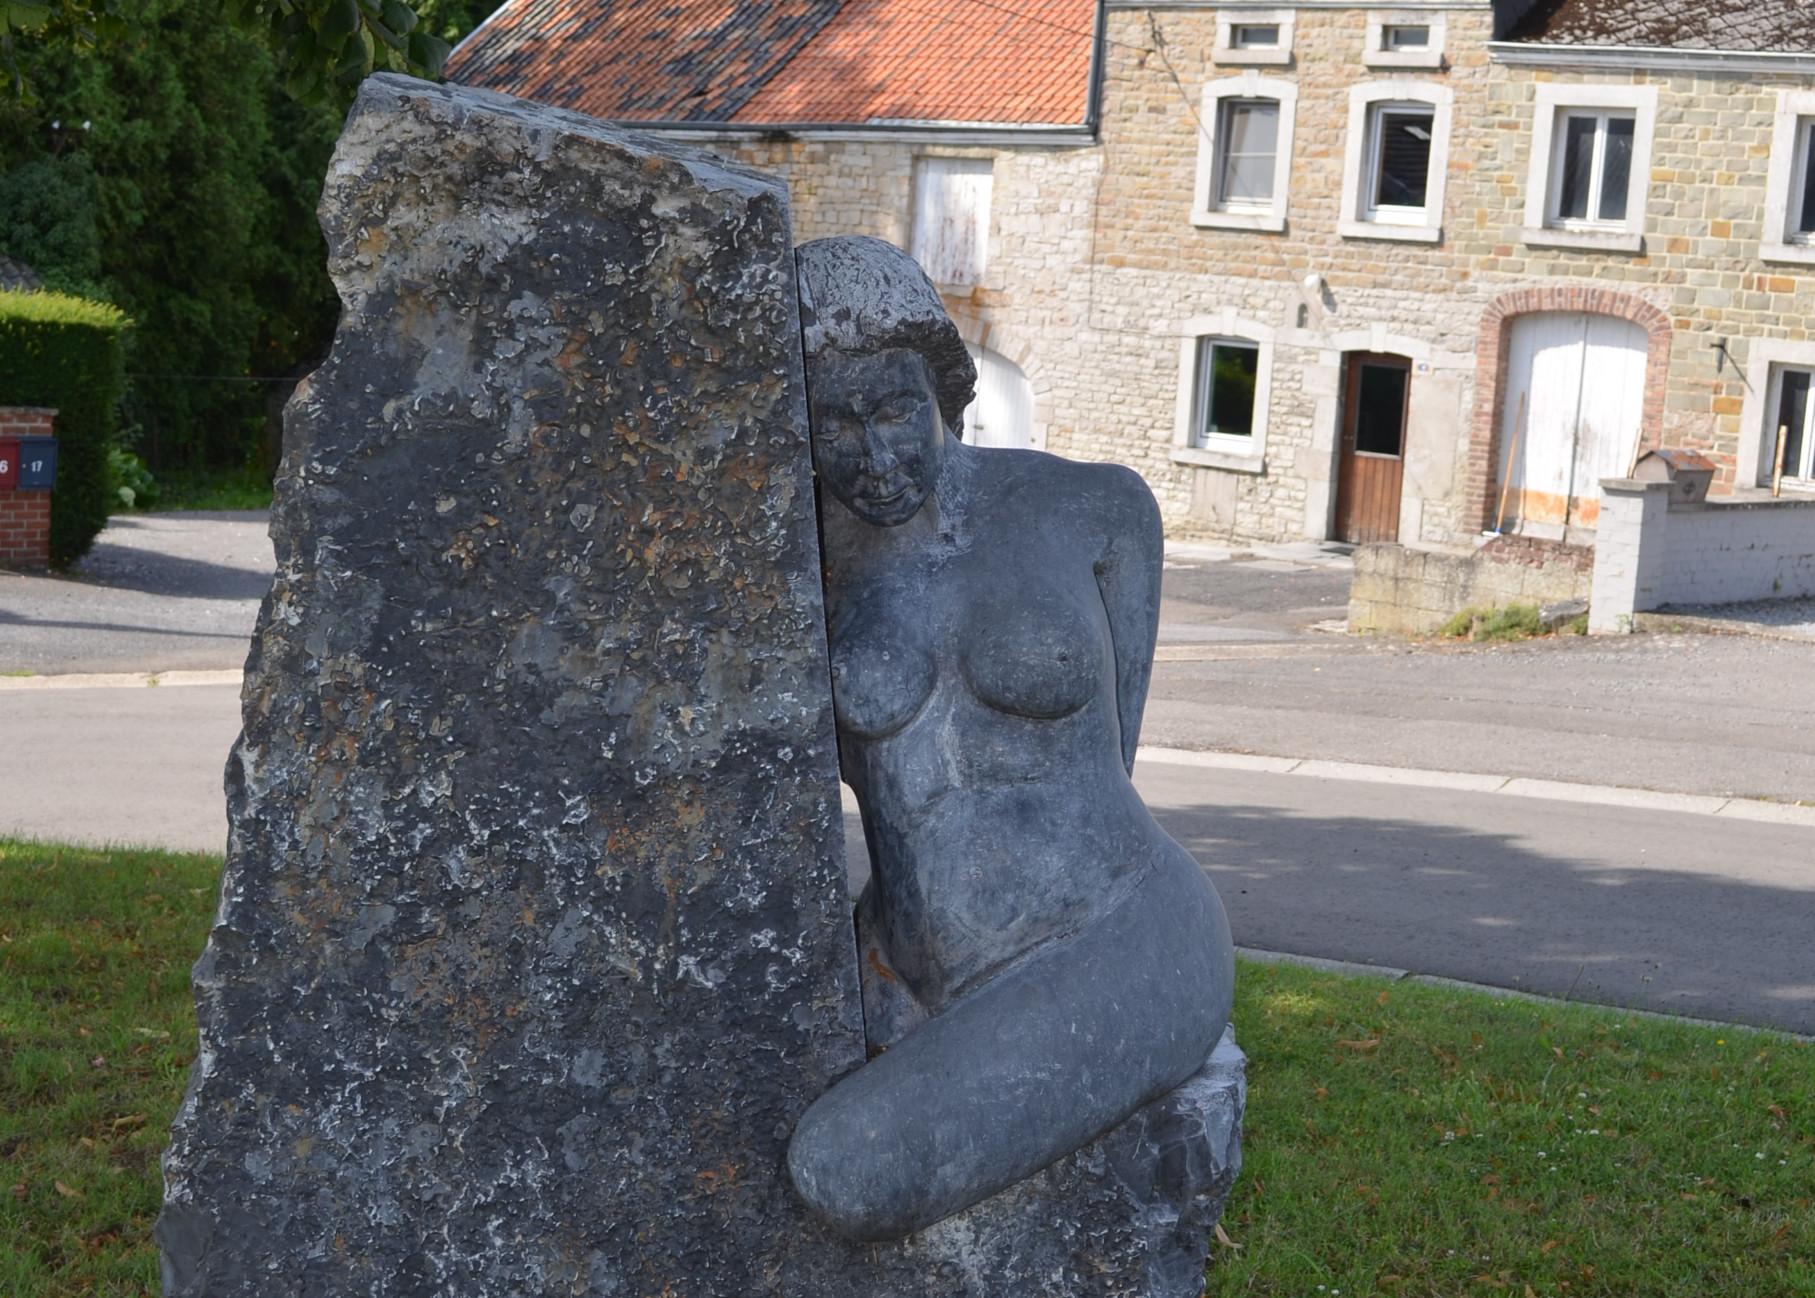 Sculpture rencontrée au cours du circuit VTT non balisé sur les traces des sorcières